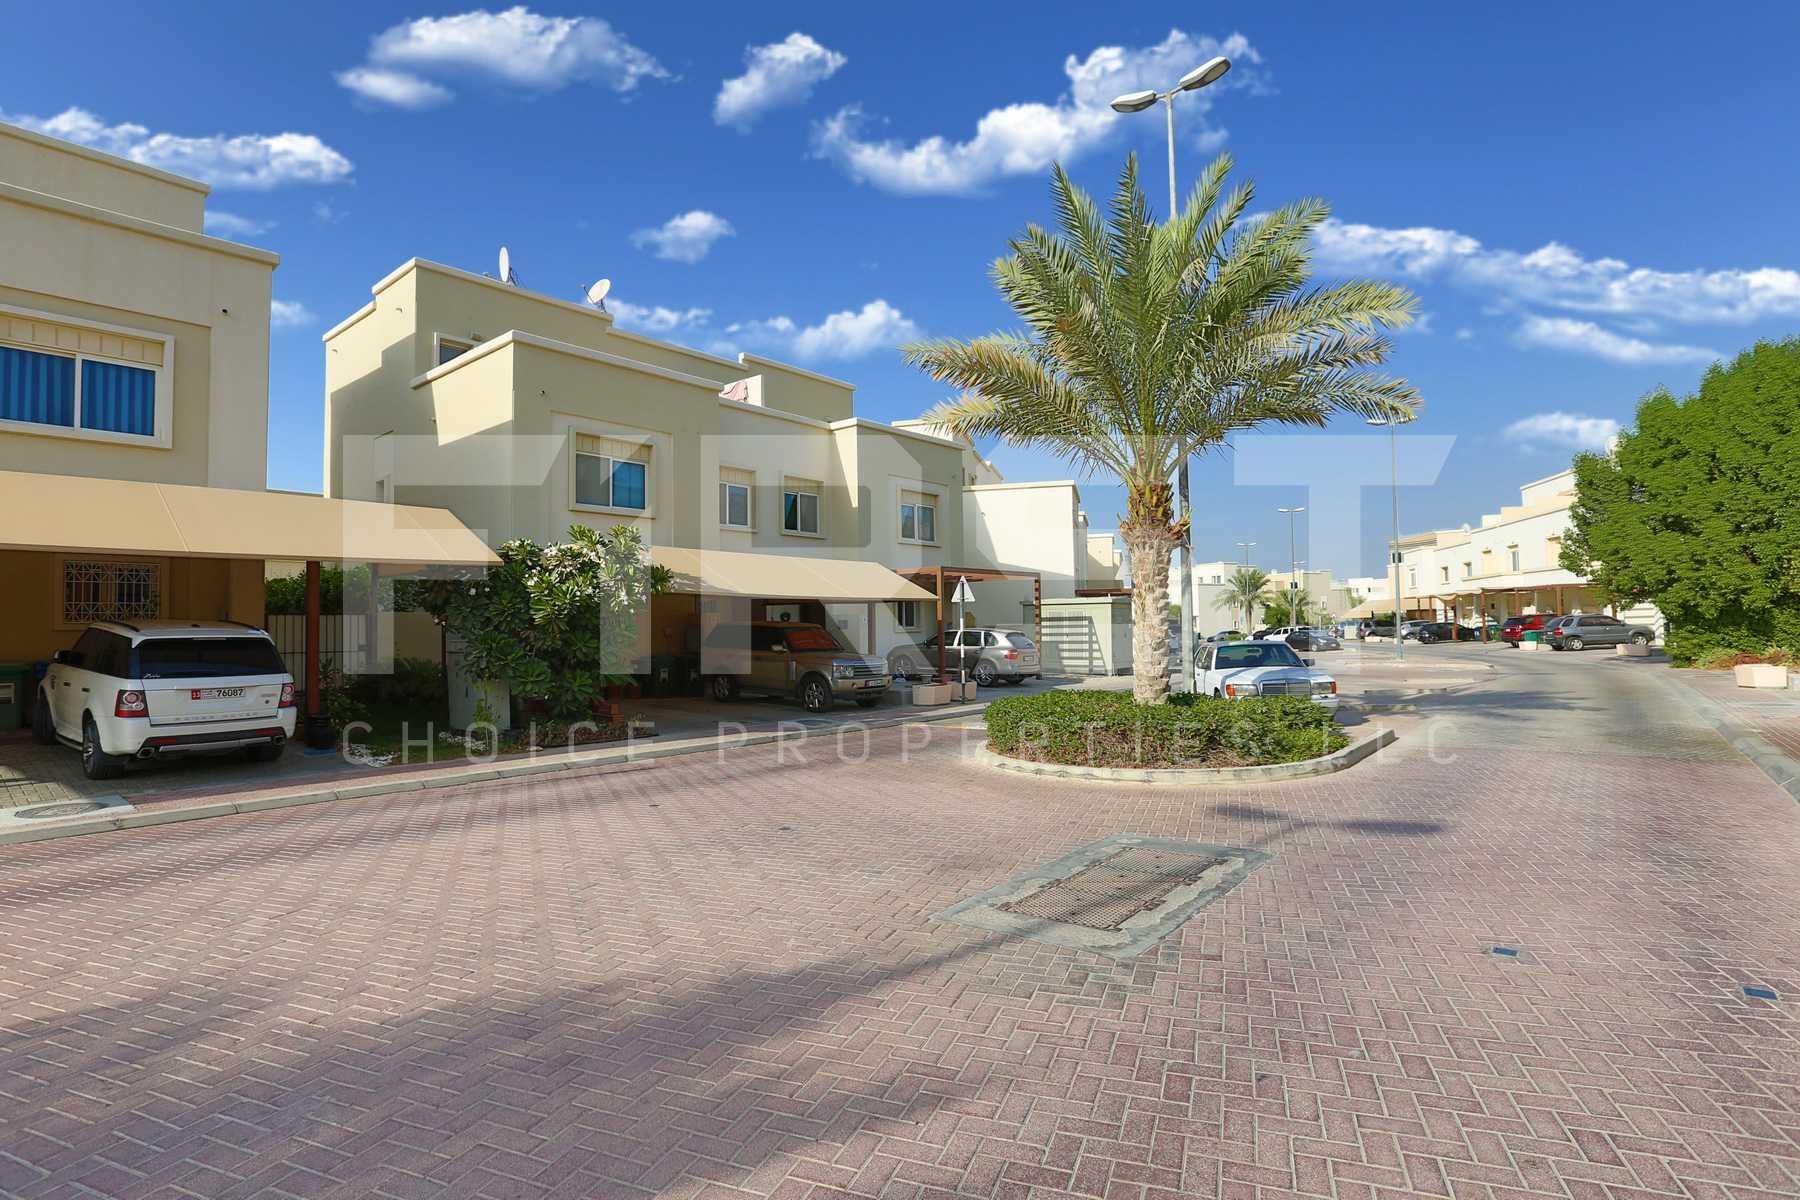 External Photo of Arabian Village Al Reef Villas Al Reef Abu Dhabi UAE (15).jpg